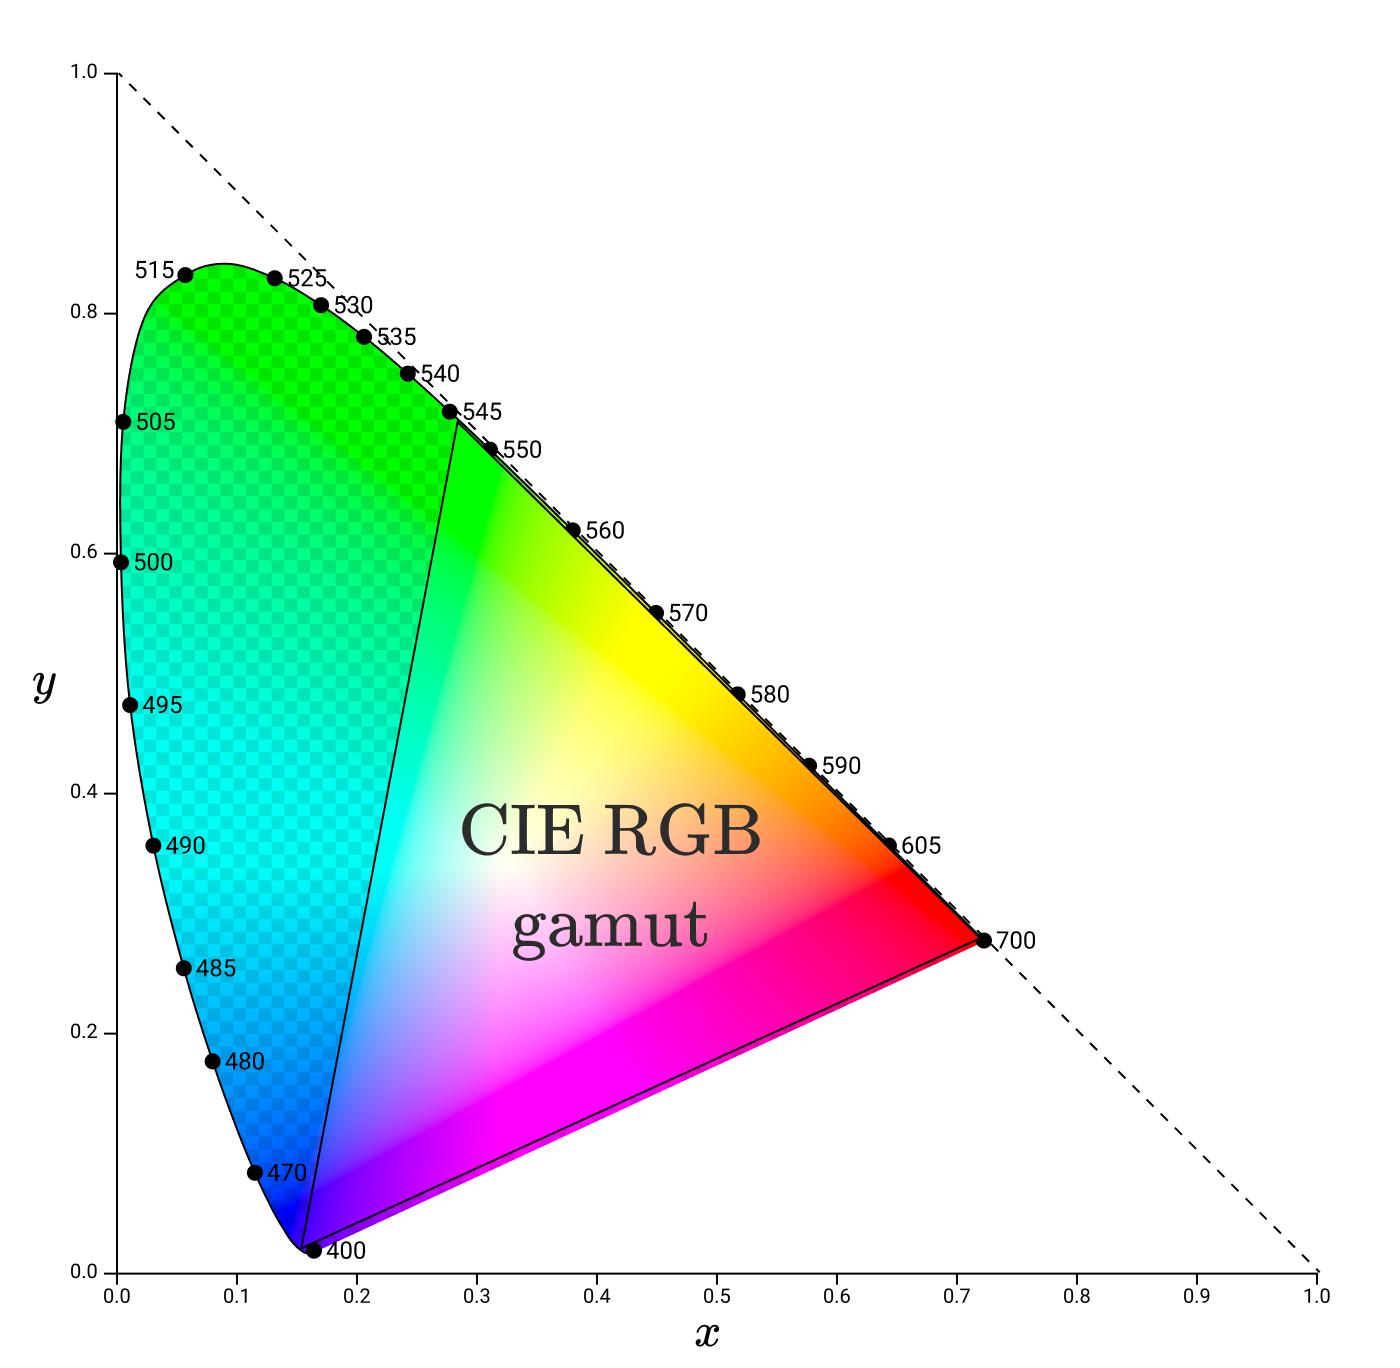 Цвет: от шестнадцатеричных кодов до глаза - 84